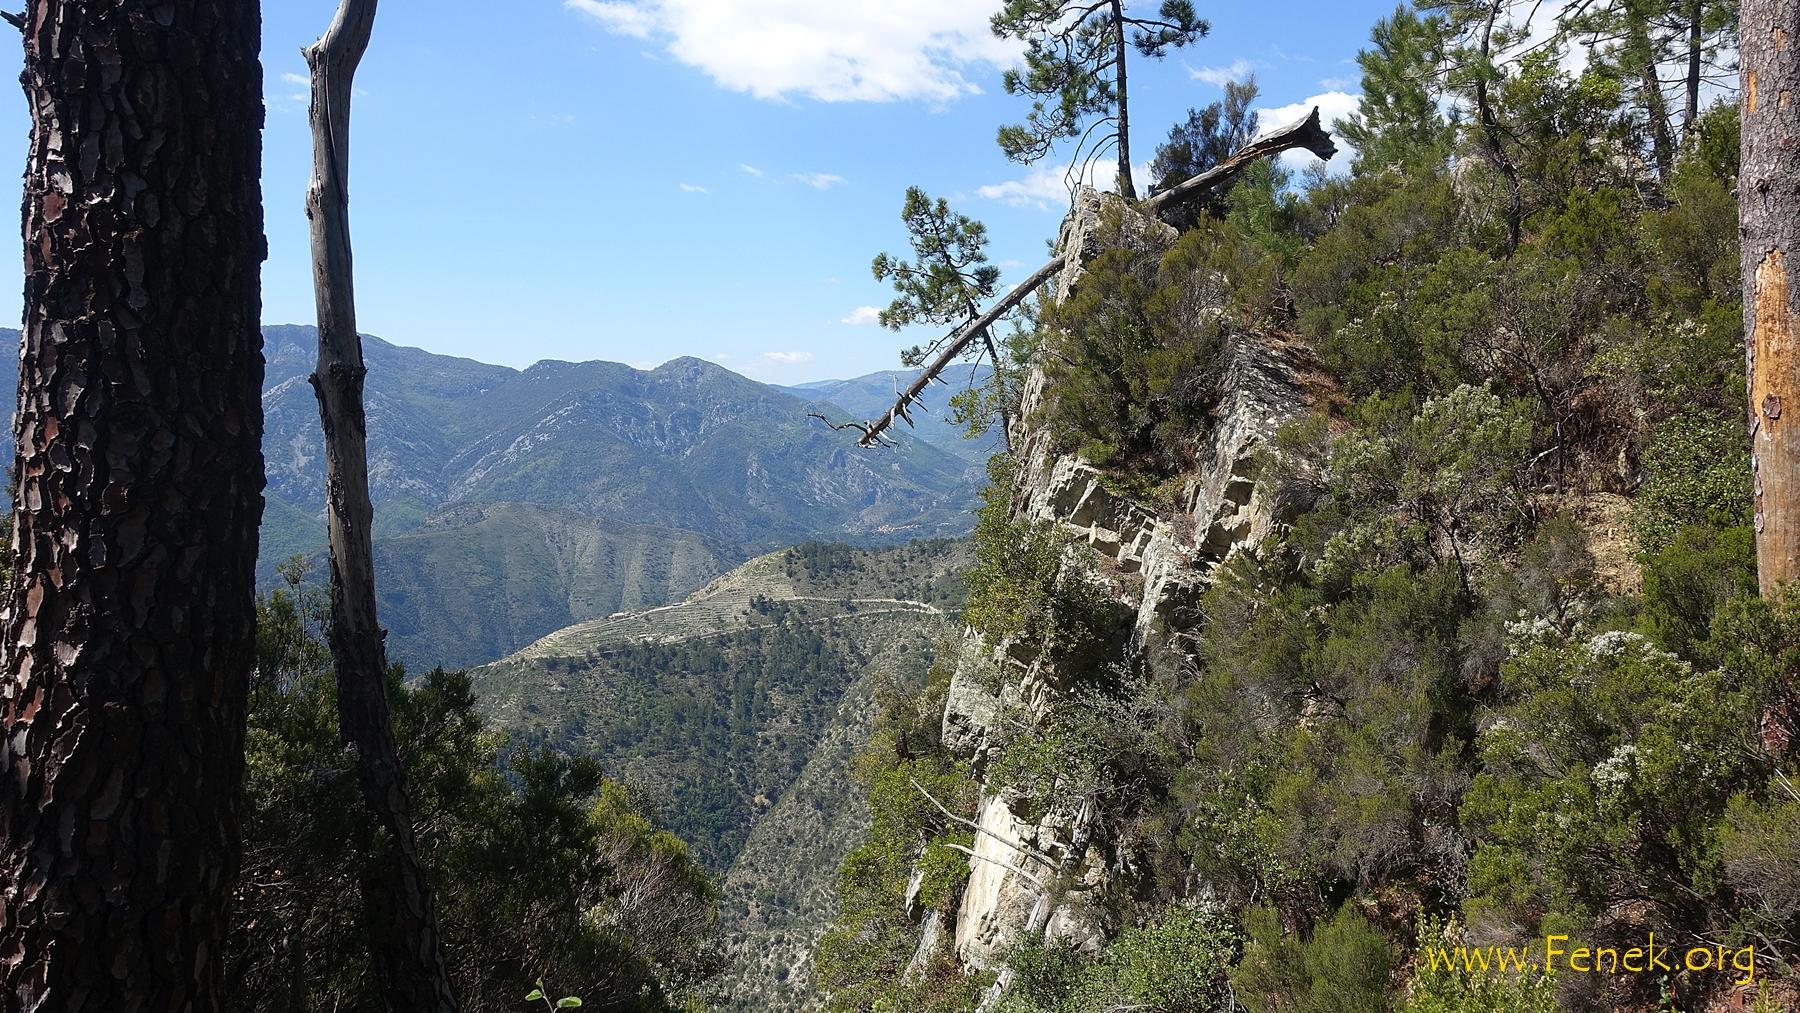 unterhalb des Gipfels